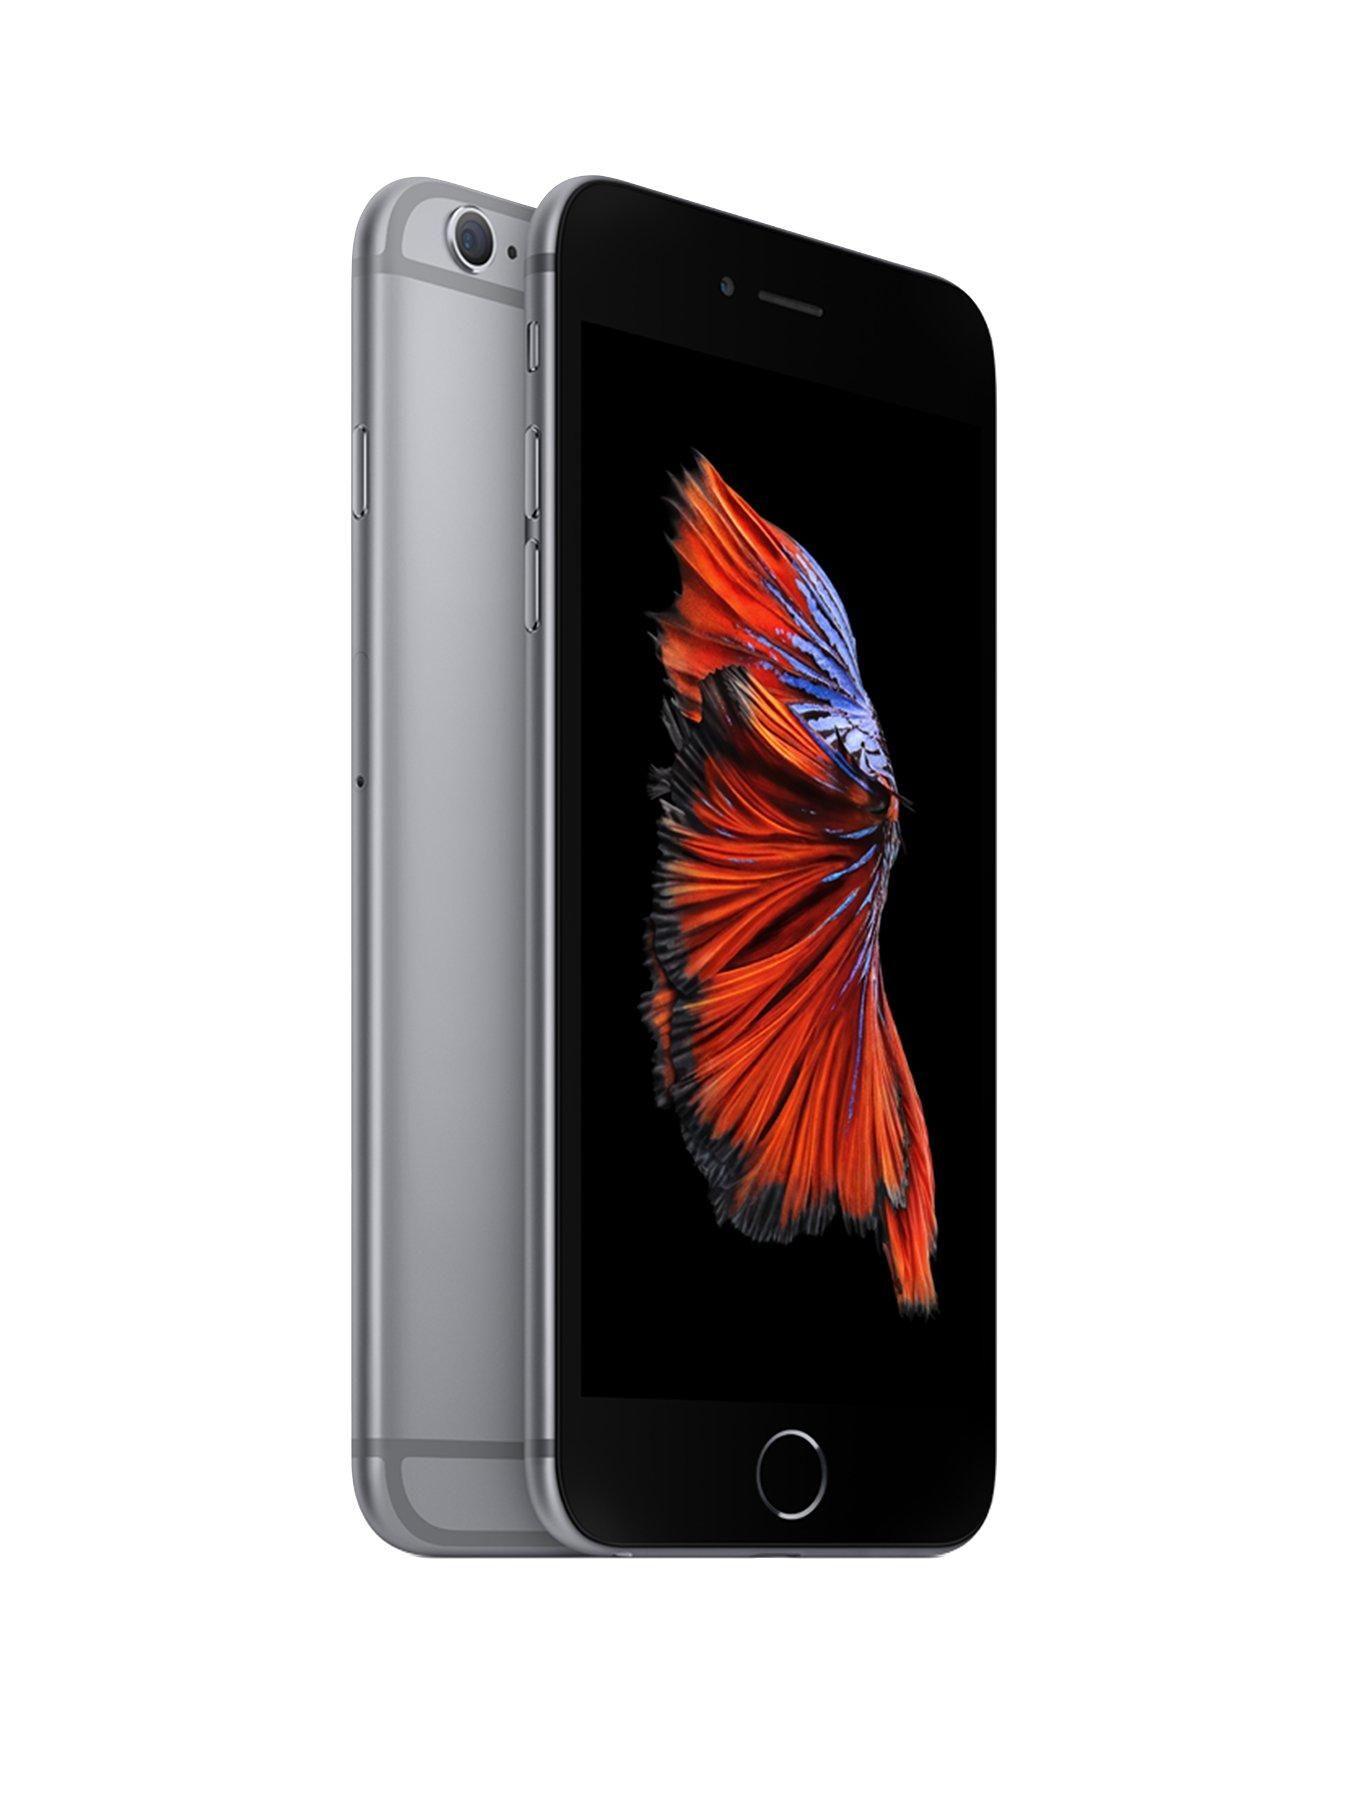 Iphone 6s Plus 128gb Space Grey Iphone Apple Iphone 6s Plus